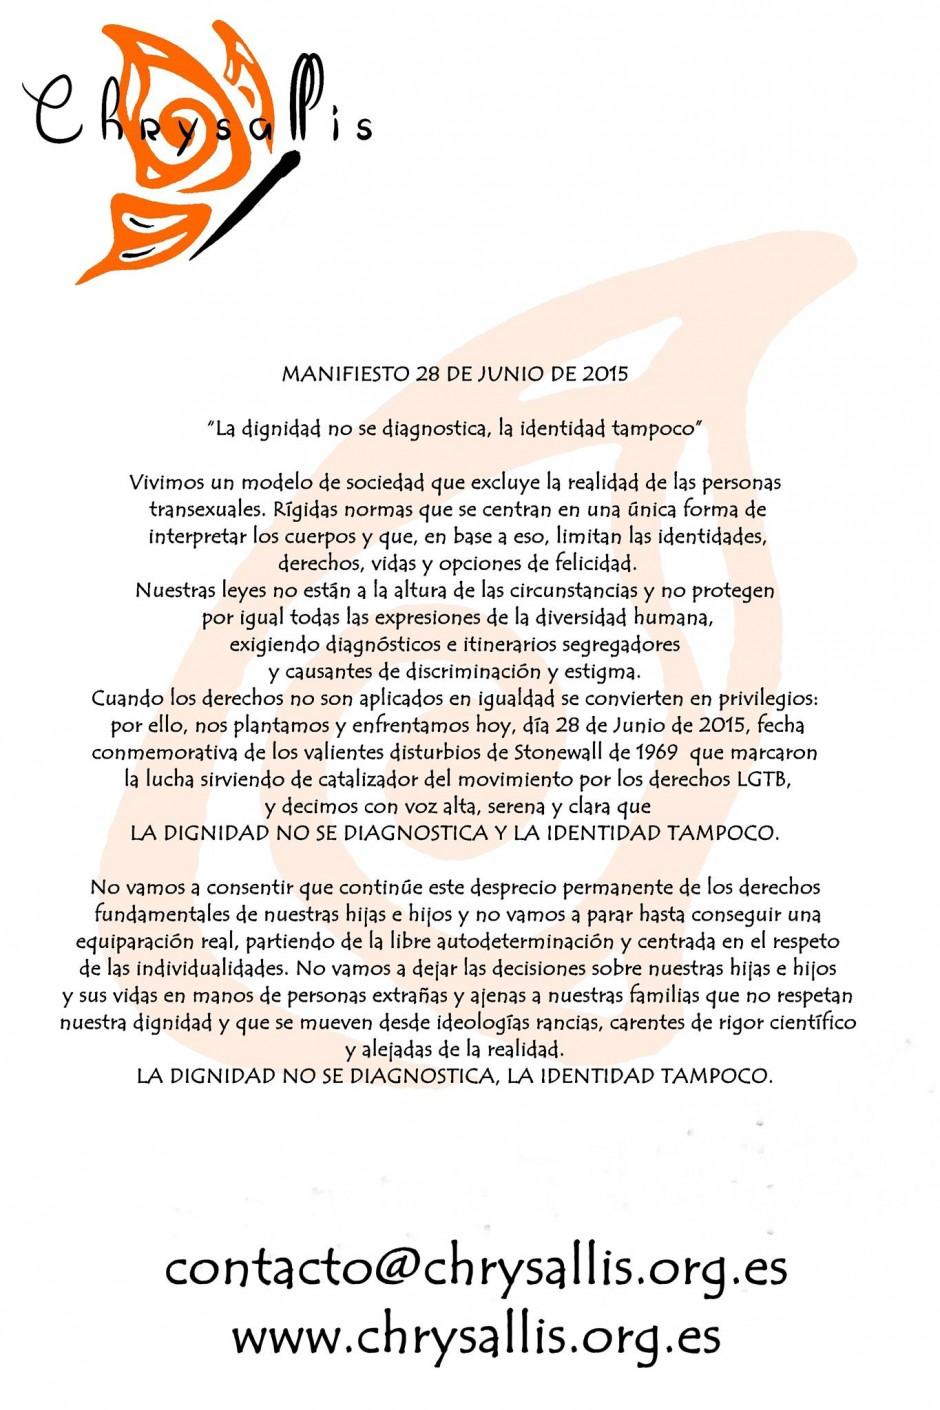 manifiesto Chrysallis